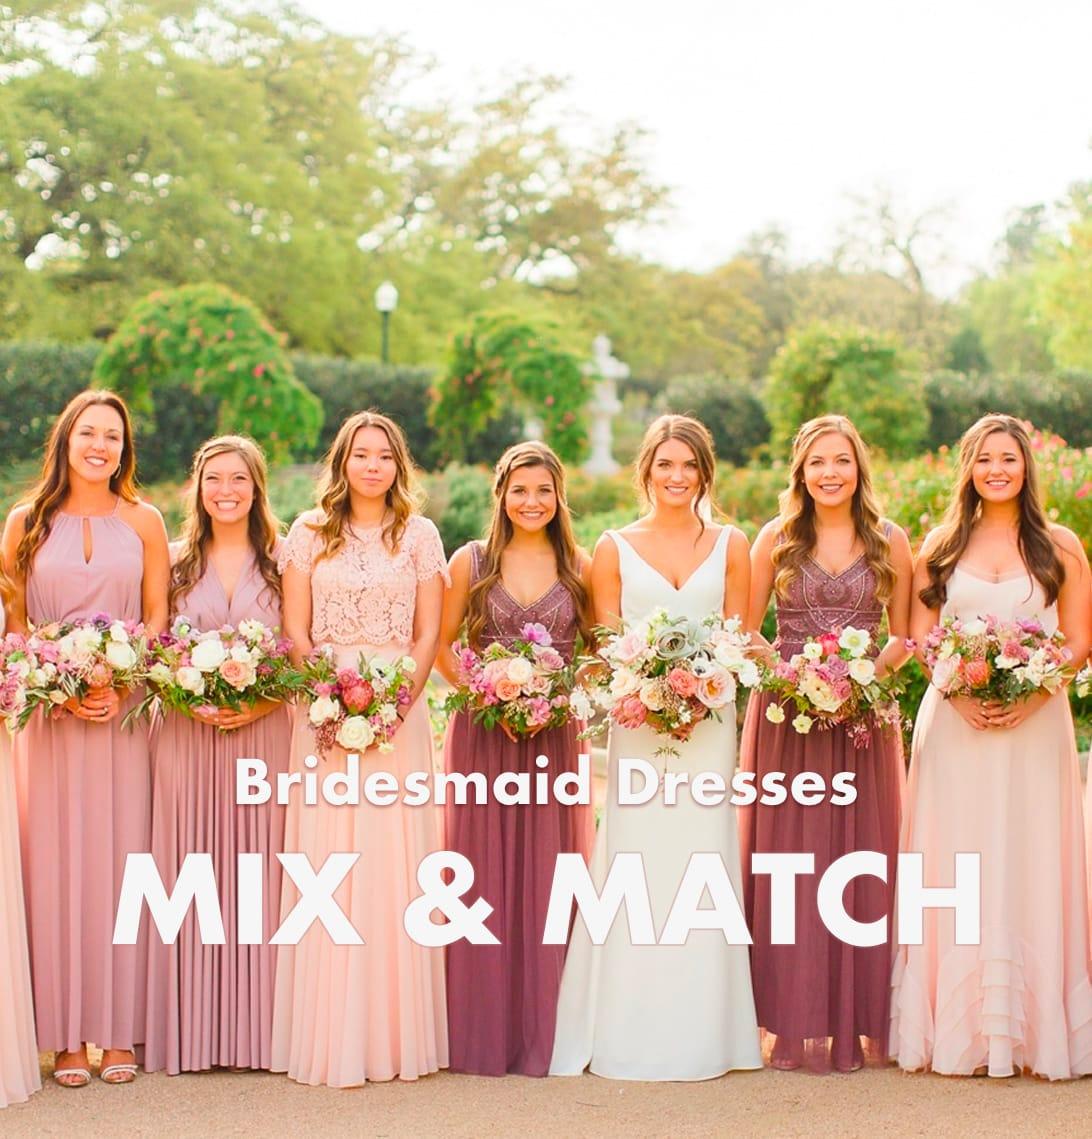 mix_match